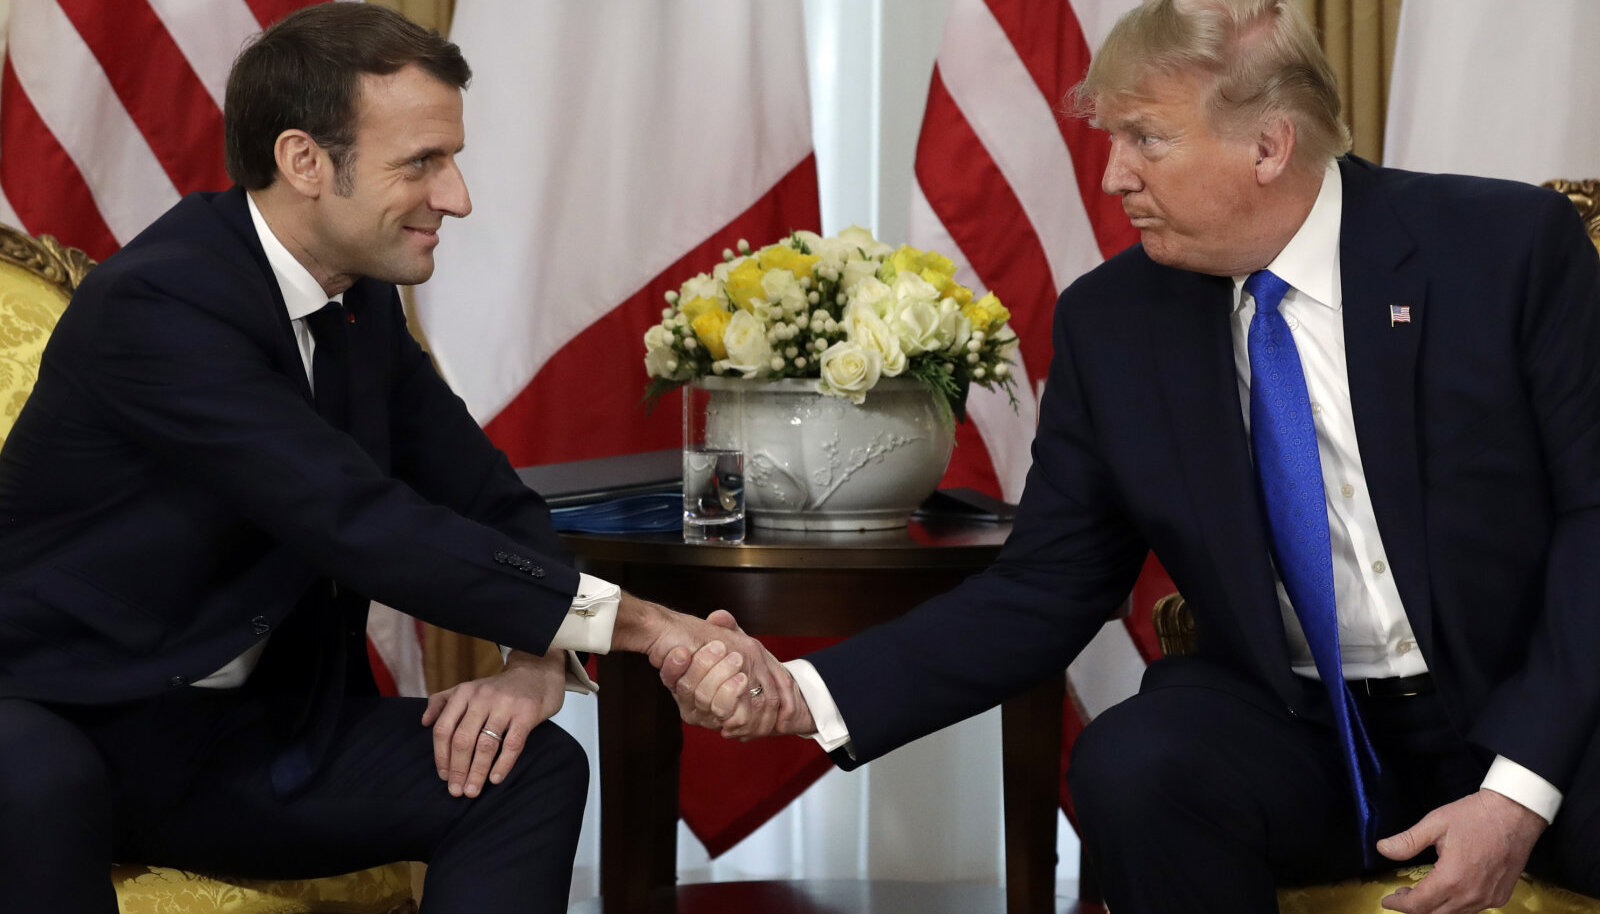 Prantsuse president Emmanul Macron ja USA riigipea Donald Trump täna Londonis kohtumisel.